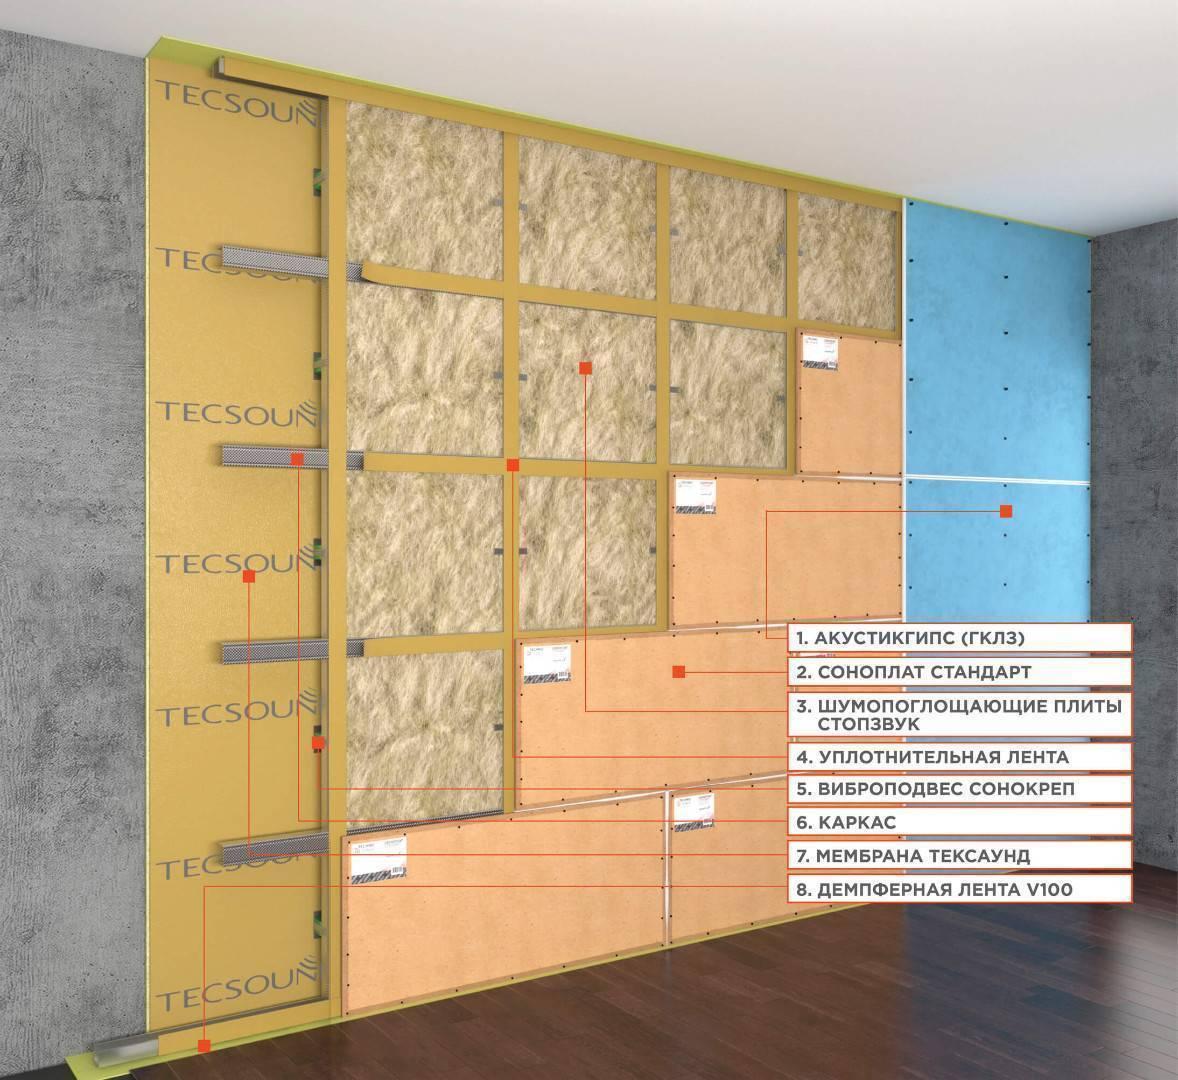 Кто делал шумоизоляцию потолка поделитесь результатом | клуб защитников тишины